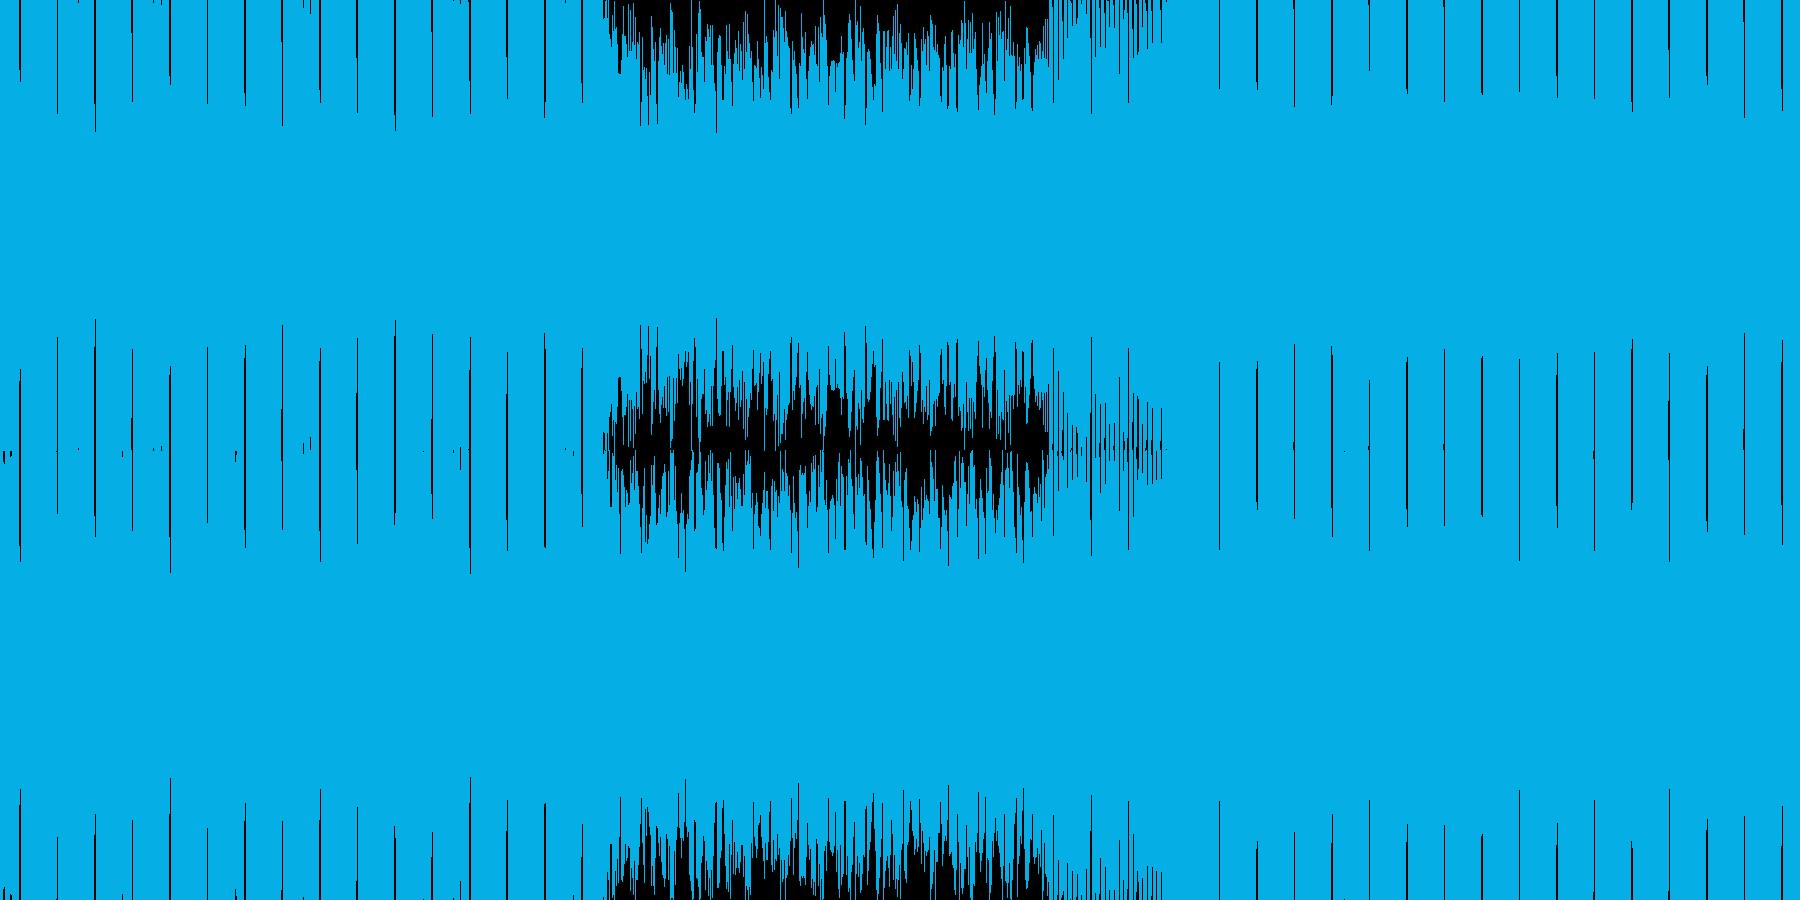 和風近未来なイメージのドラムンベースの再生済みの波形